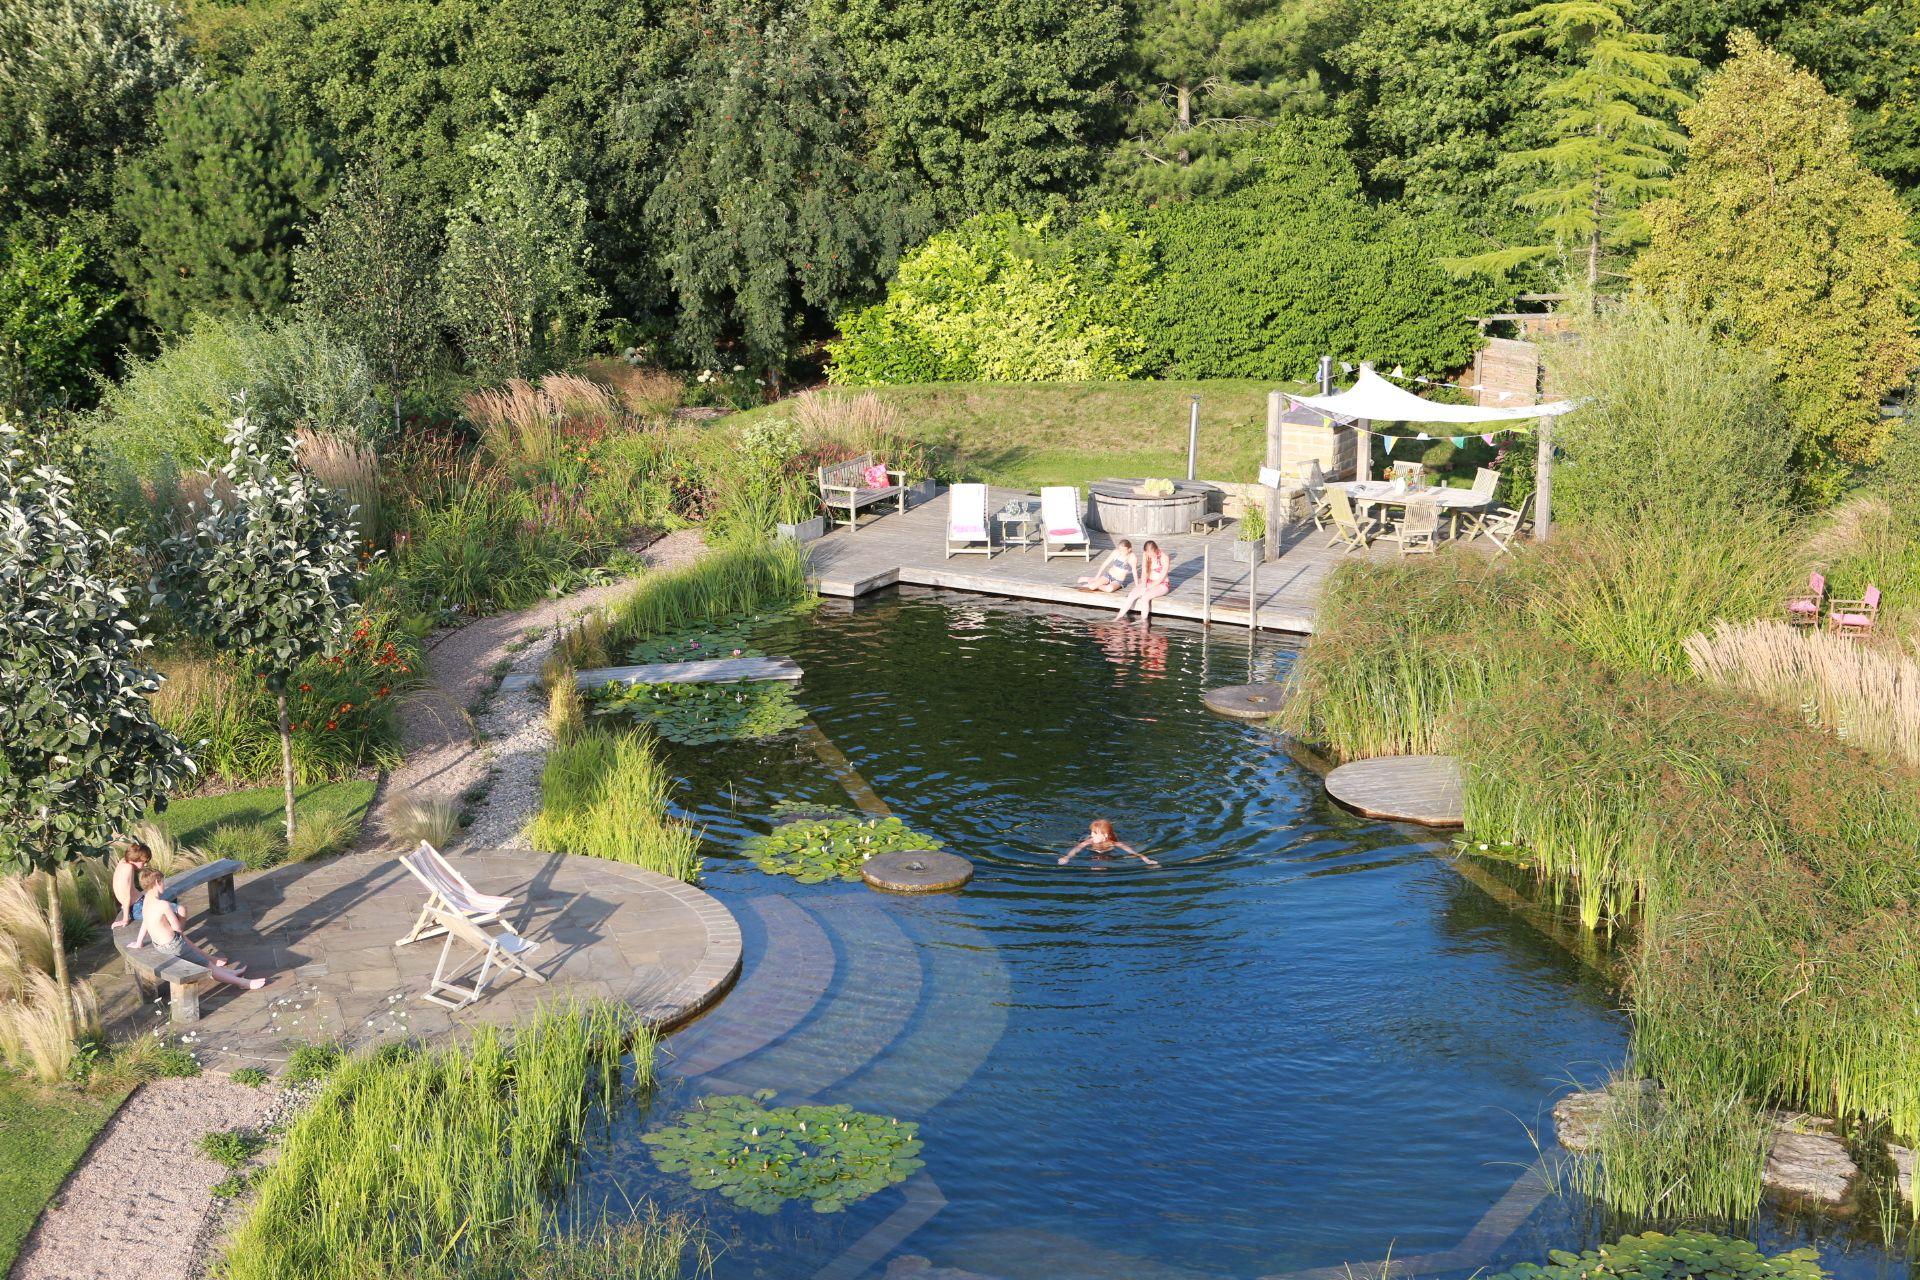 Ellicar gardens natural pool crystal clear all year